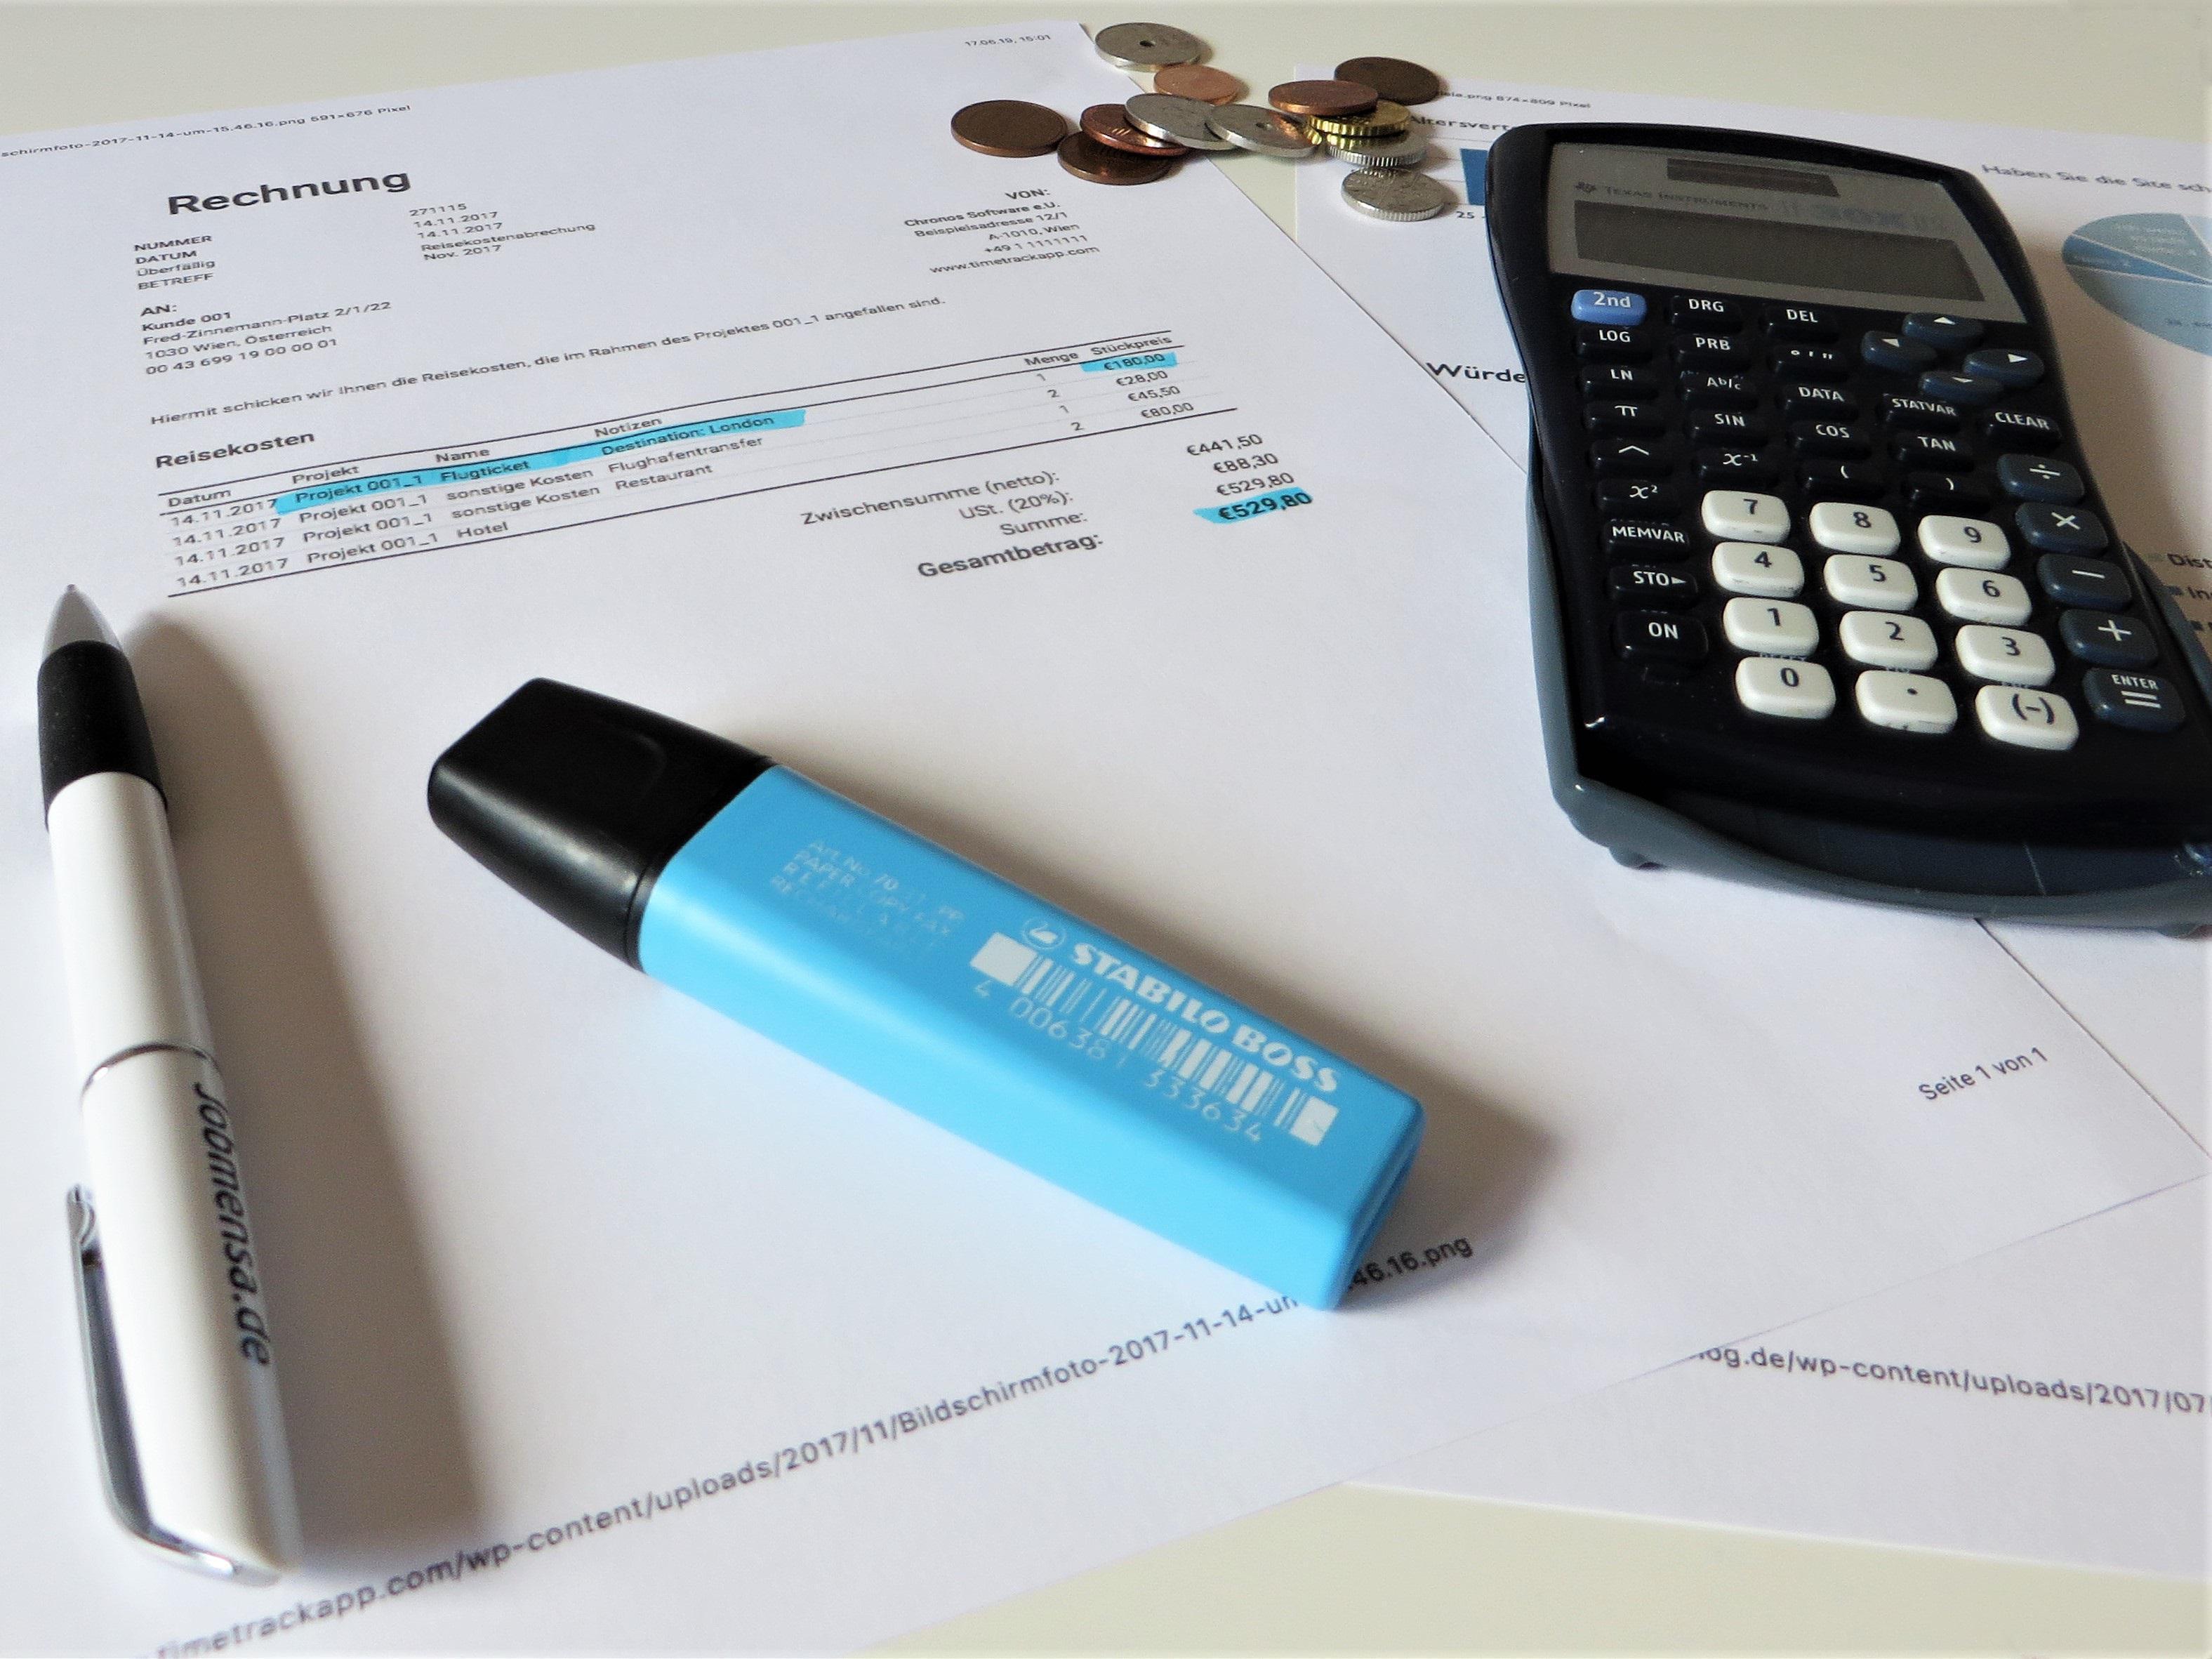 Ein Textmarker liegt auf einem Blatt Papier. Auch ein Taschenrechner und Münzen sind zu sehen.